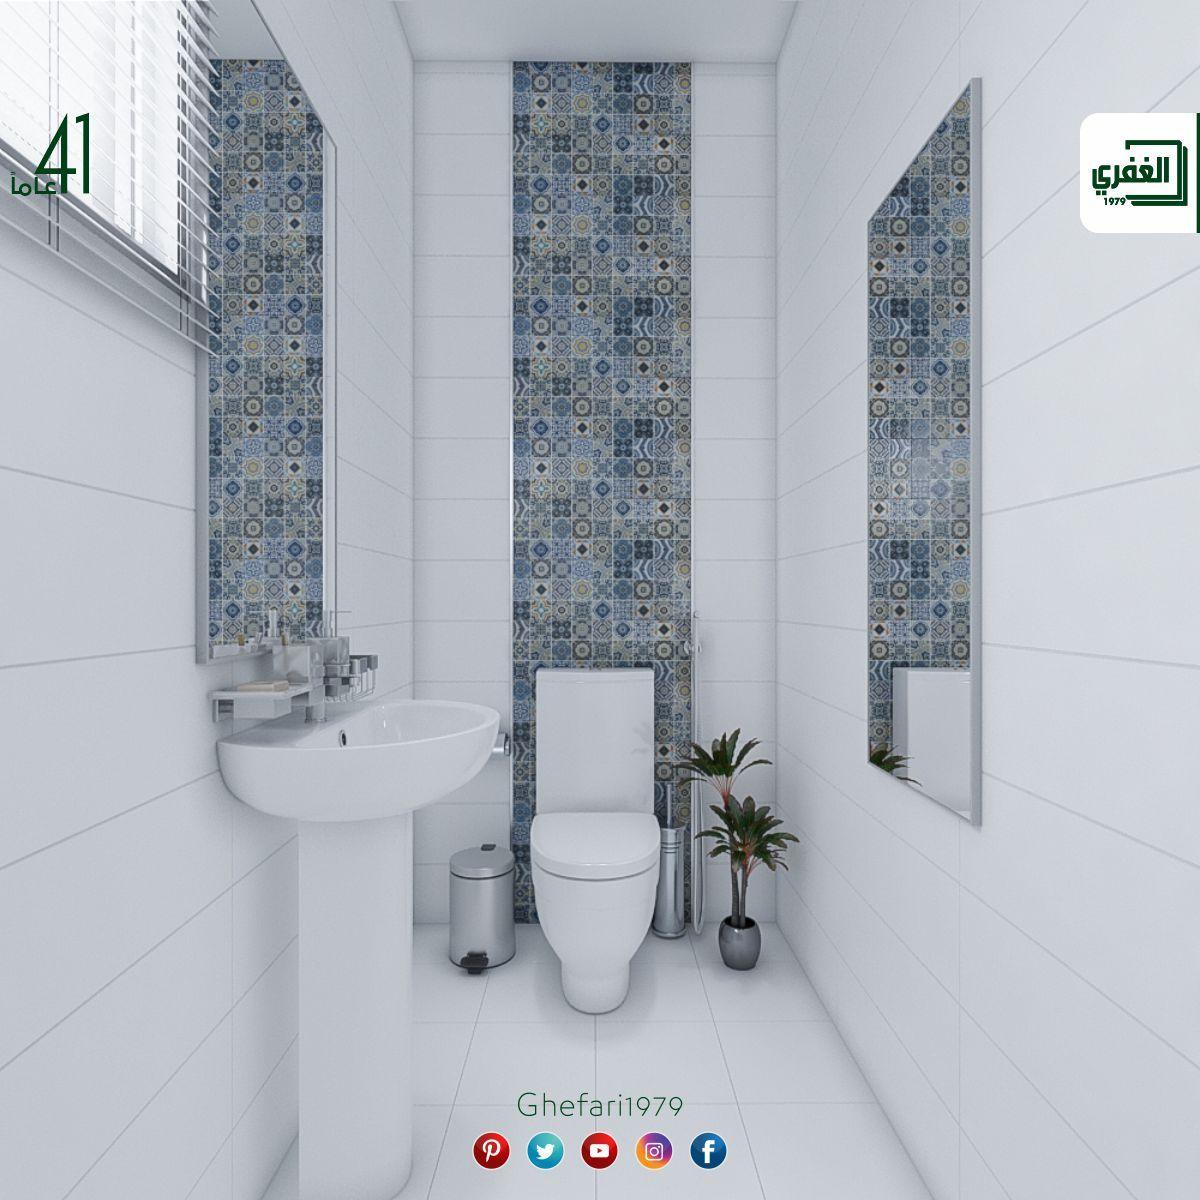 بلاط أسباني ديكور للاستخدام داخل الحمامات والمطابخ للمزيد زورونا على موقع الشركة Https Www Ghefari Com Ar Decor 20x60 واتس Decor Instagram Posts Bathtub